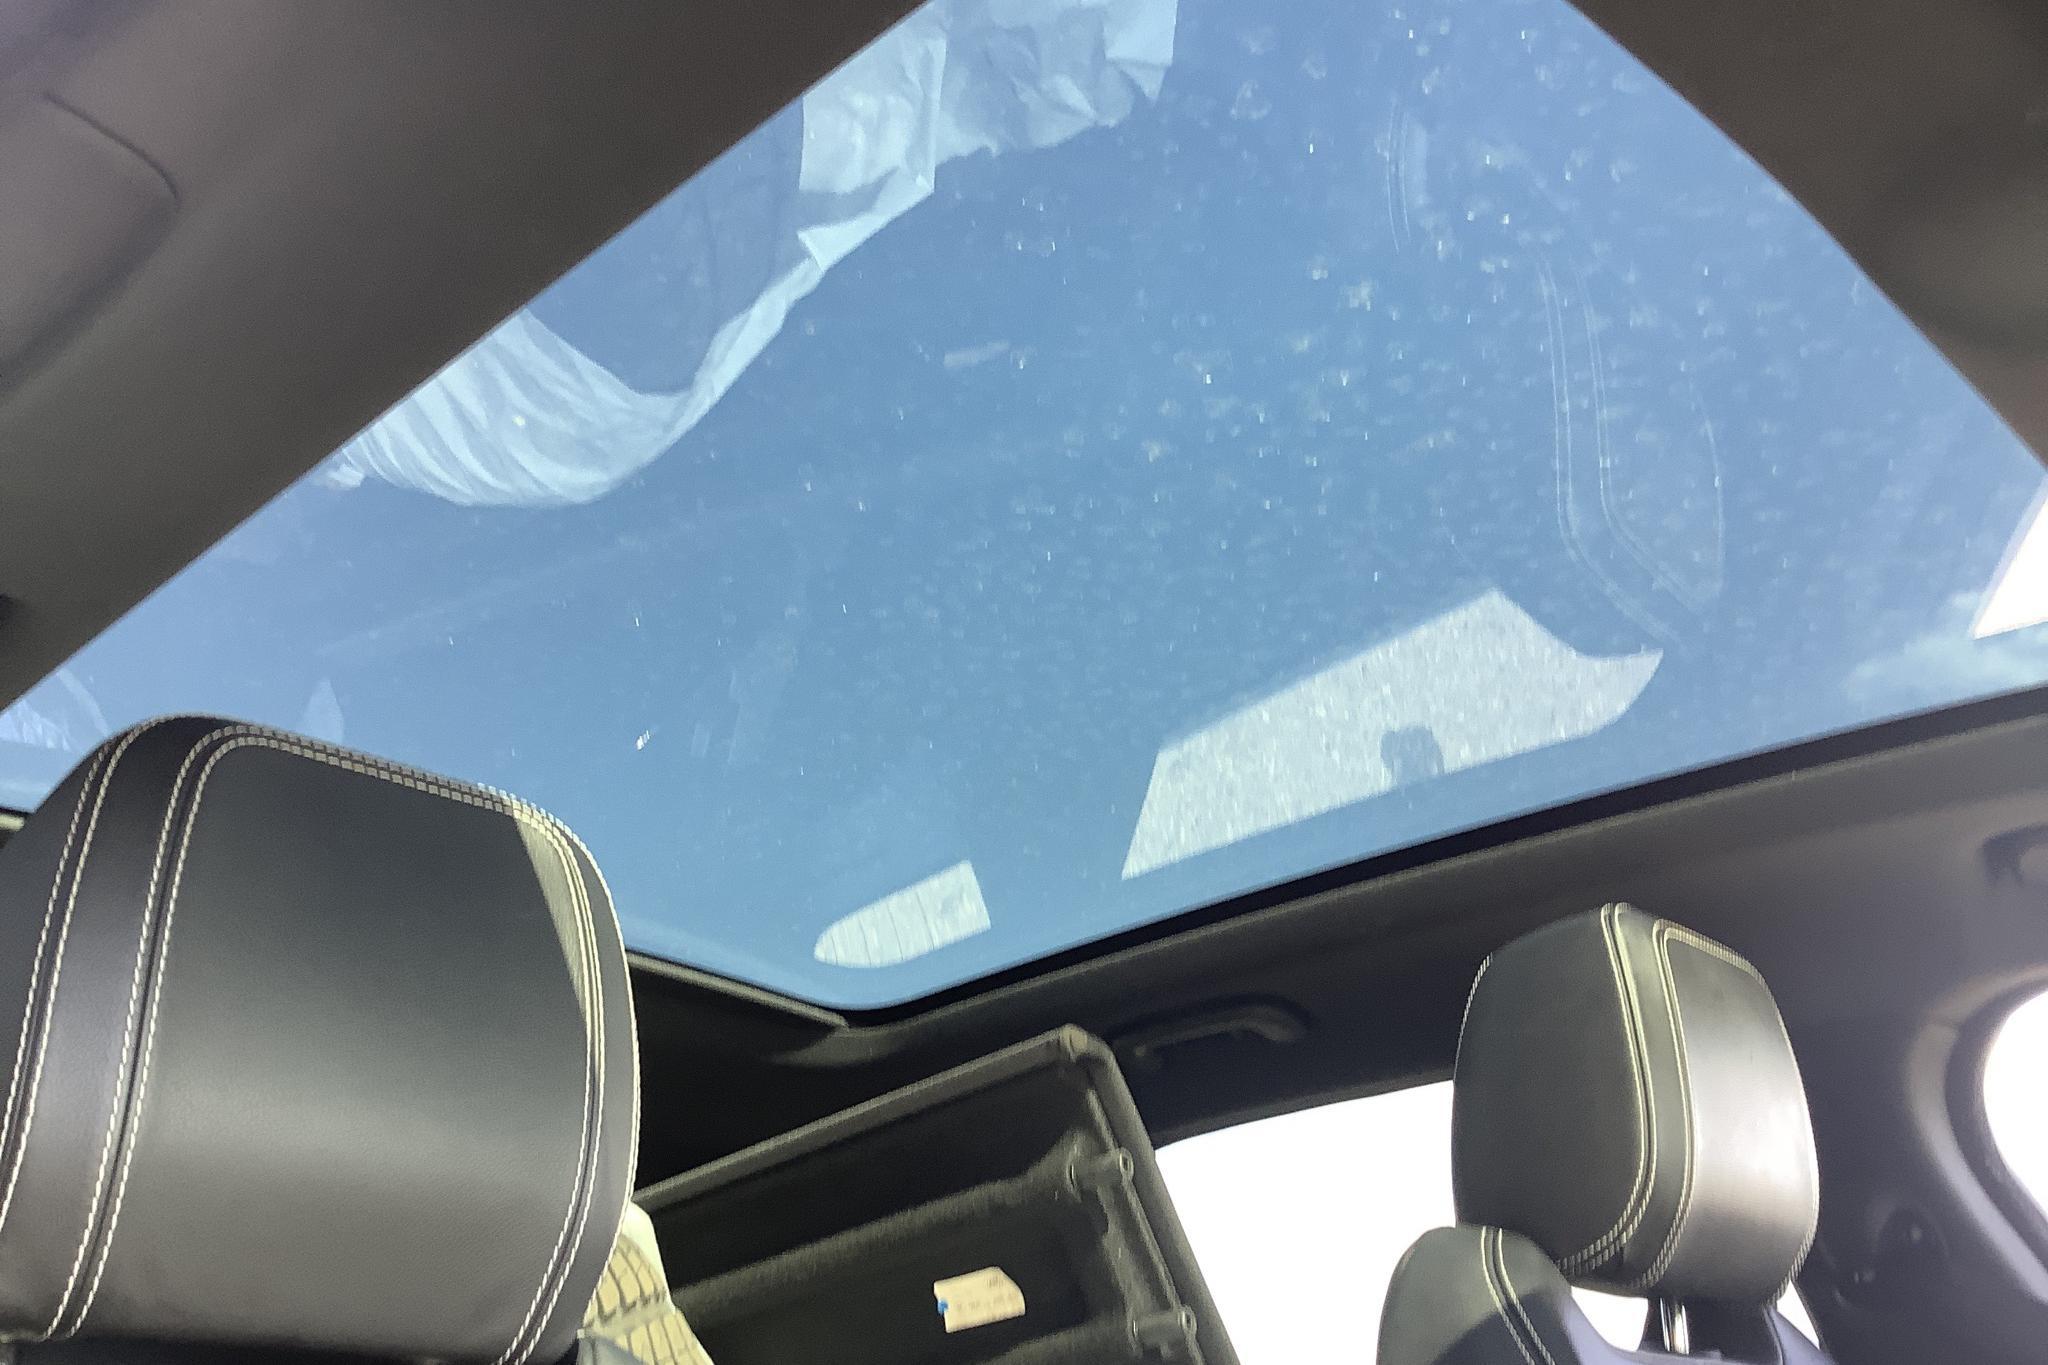 Jaguar F-Pace 2.0D AWD (180hk) - 10 880 mil - Automat - vit - 2018